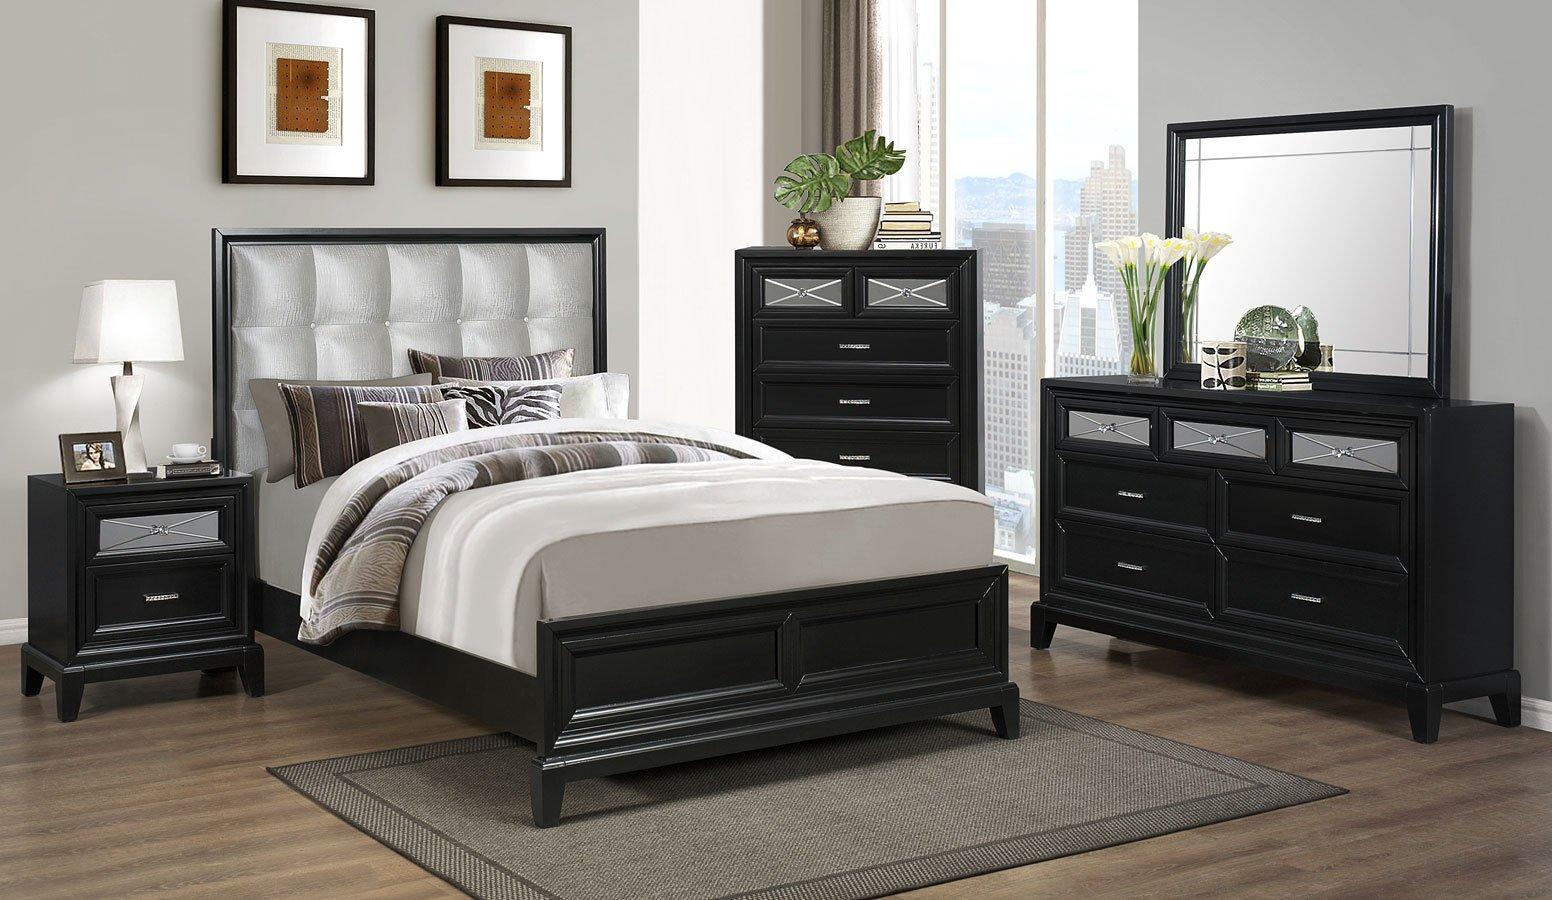 Elise panel bedroom set bedroom sets bedroom furniture for Bedroom furniture sets b q